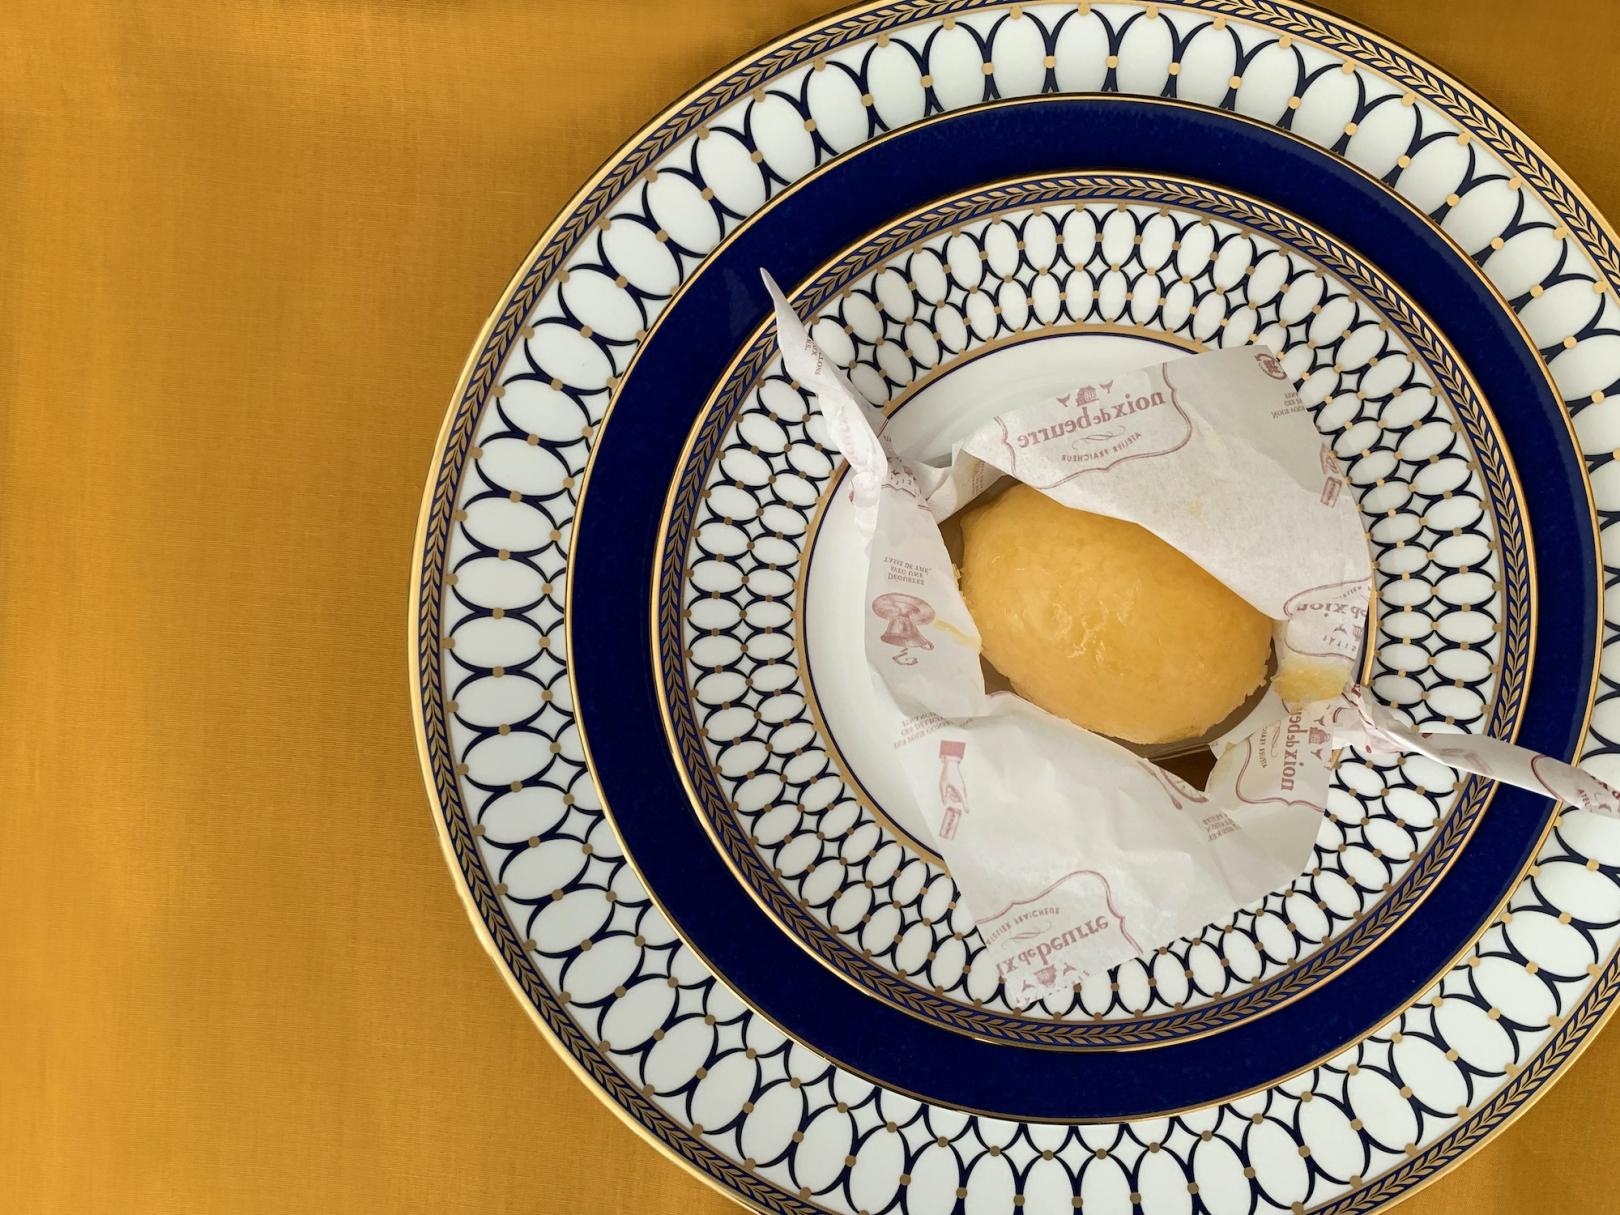 ノワ・ドゥ・ブール(noix de beurrel)のレモンのケーキ Photo by Yoko Kadokawa